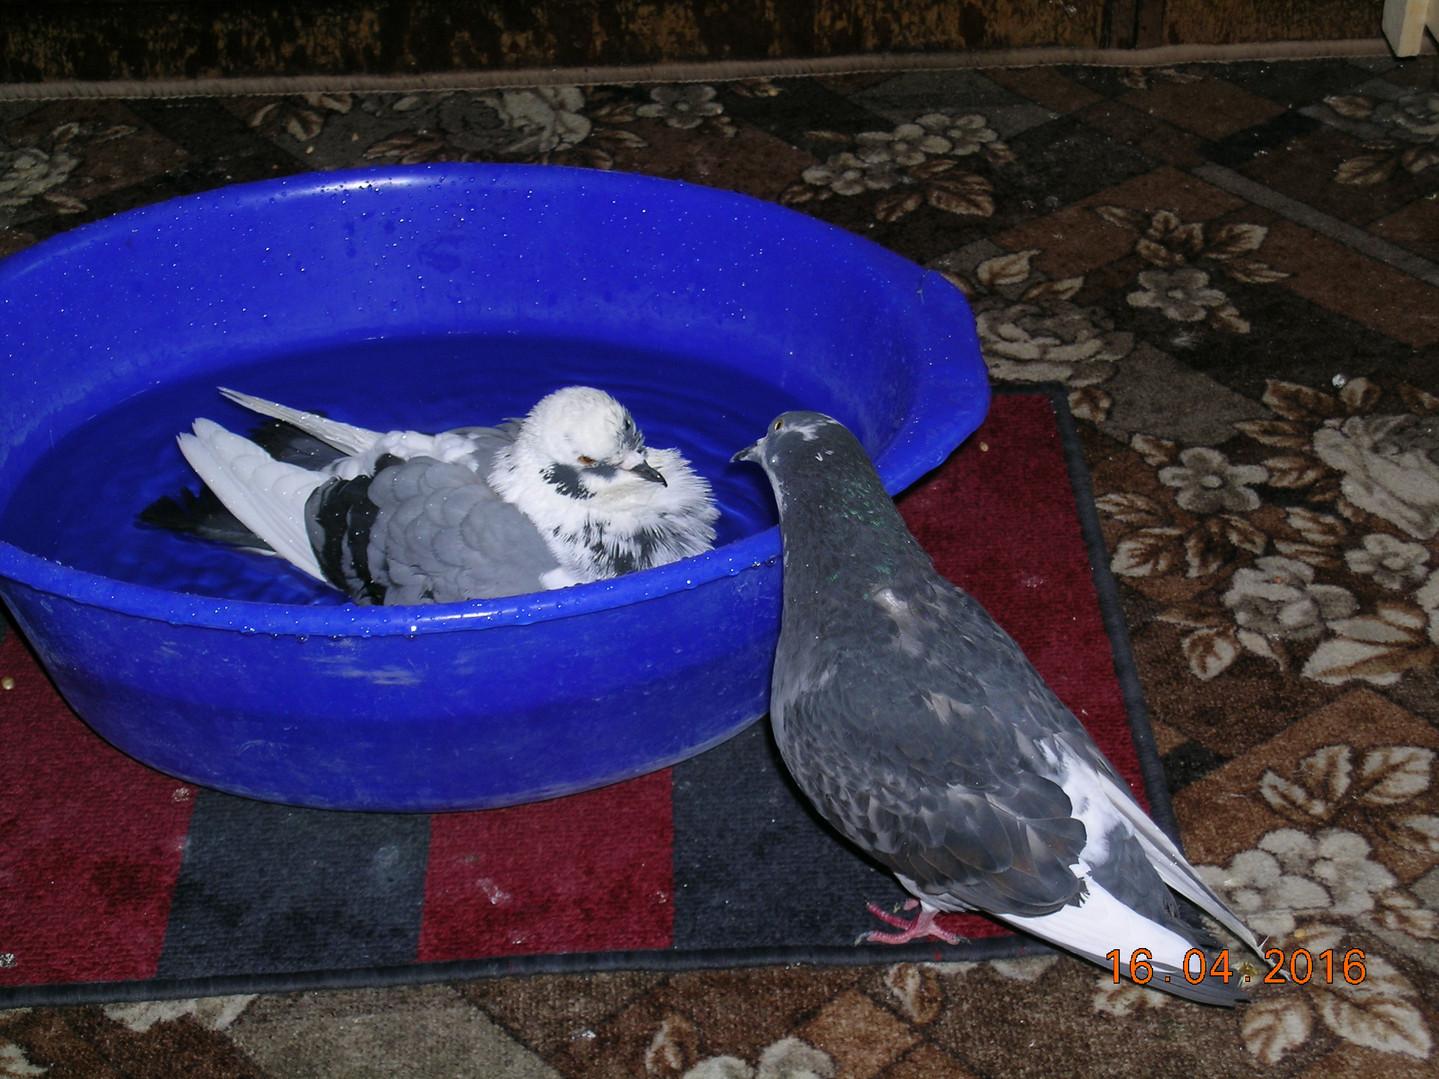 Голубь Малыш купается в тазике. А голубка Синичка ждет своей очереди